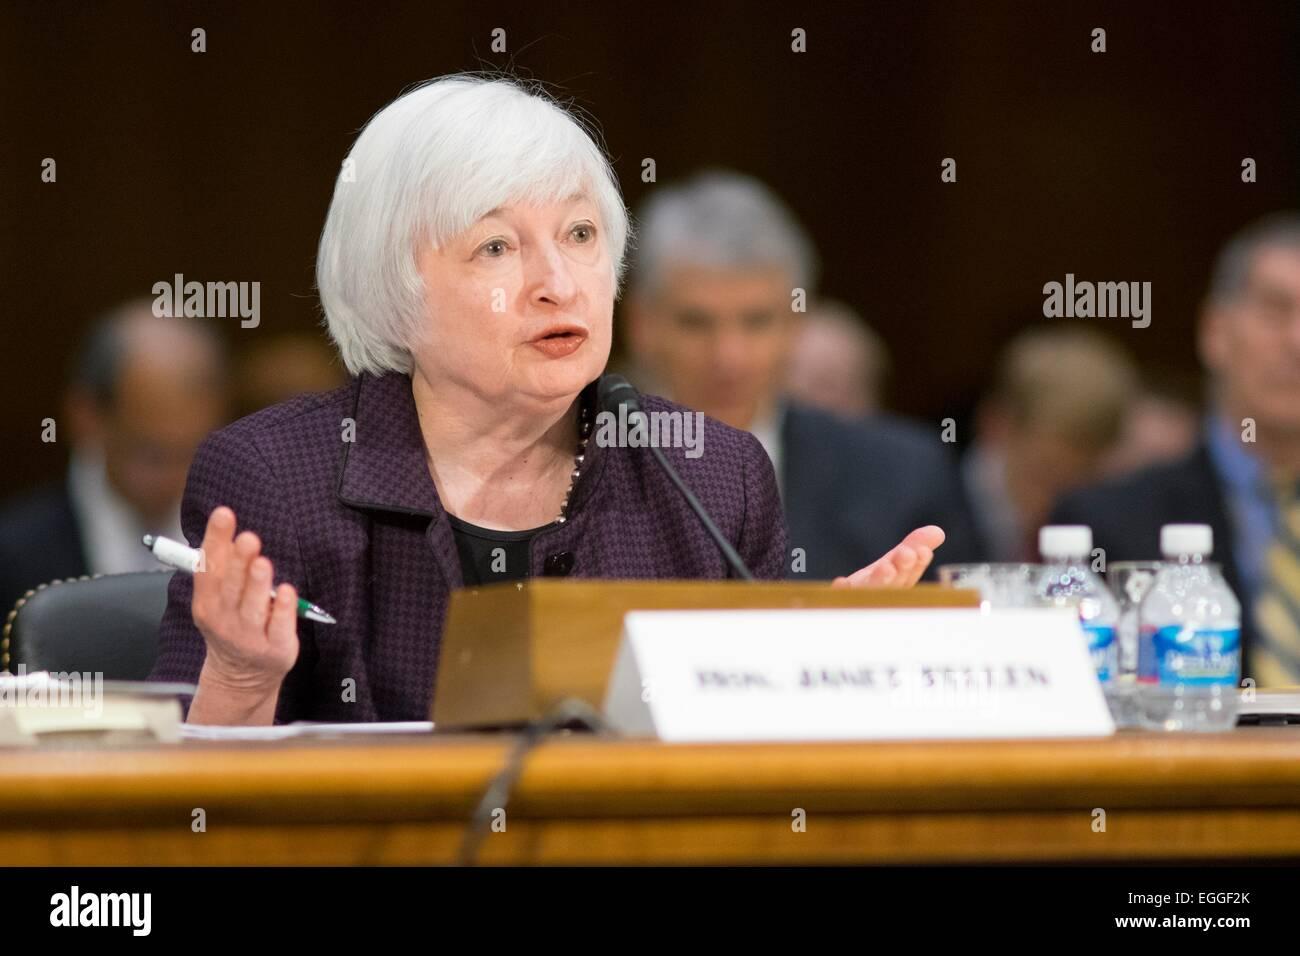 La Reserva Federal de EE.UU. Presidenta Janet Yellen presenta el Informe de Política Monetaria, durante una declaración Foto de stock